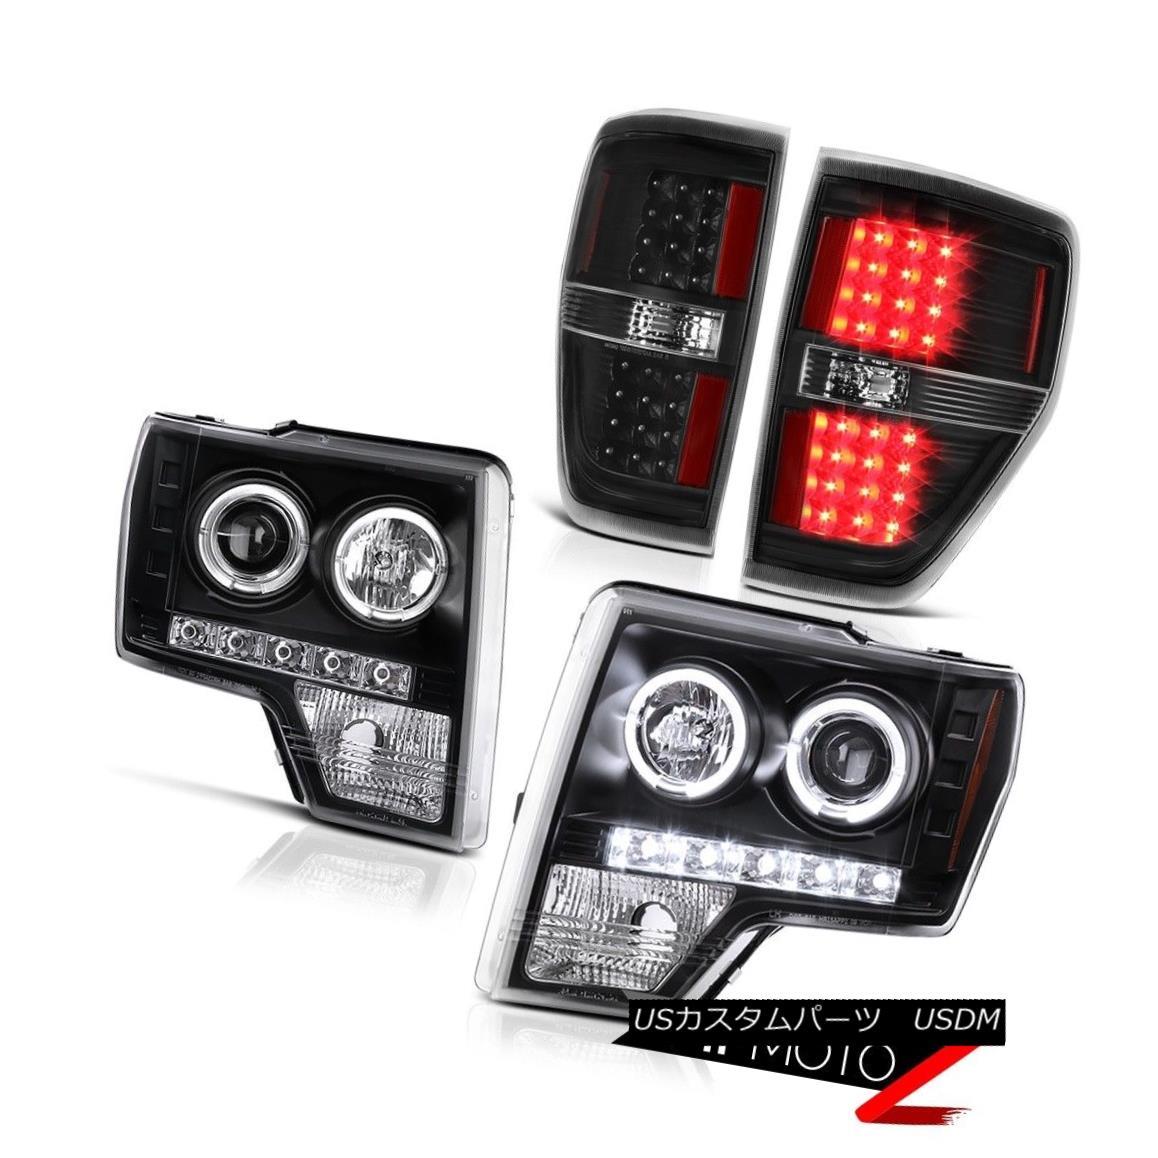 ヘッドライト 09 10 11 12 13 14 Ford F150 Headlights Quad Halo DRL LED Signal Brake Tail Light 09 10 11 12 13 14 Ford F150ヘッドライトQuad Halo DRL LED信号ブレーキテールライト